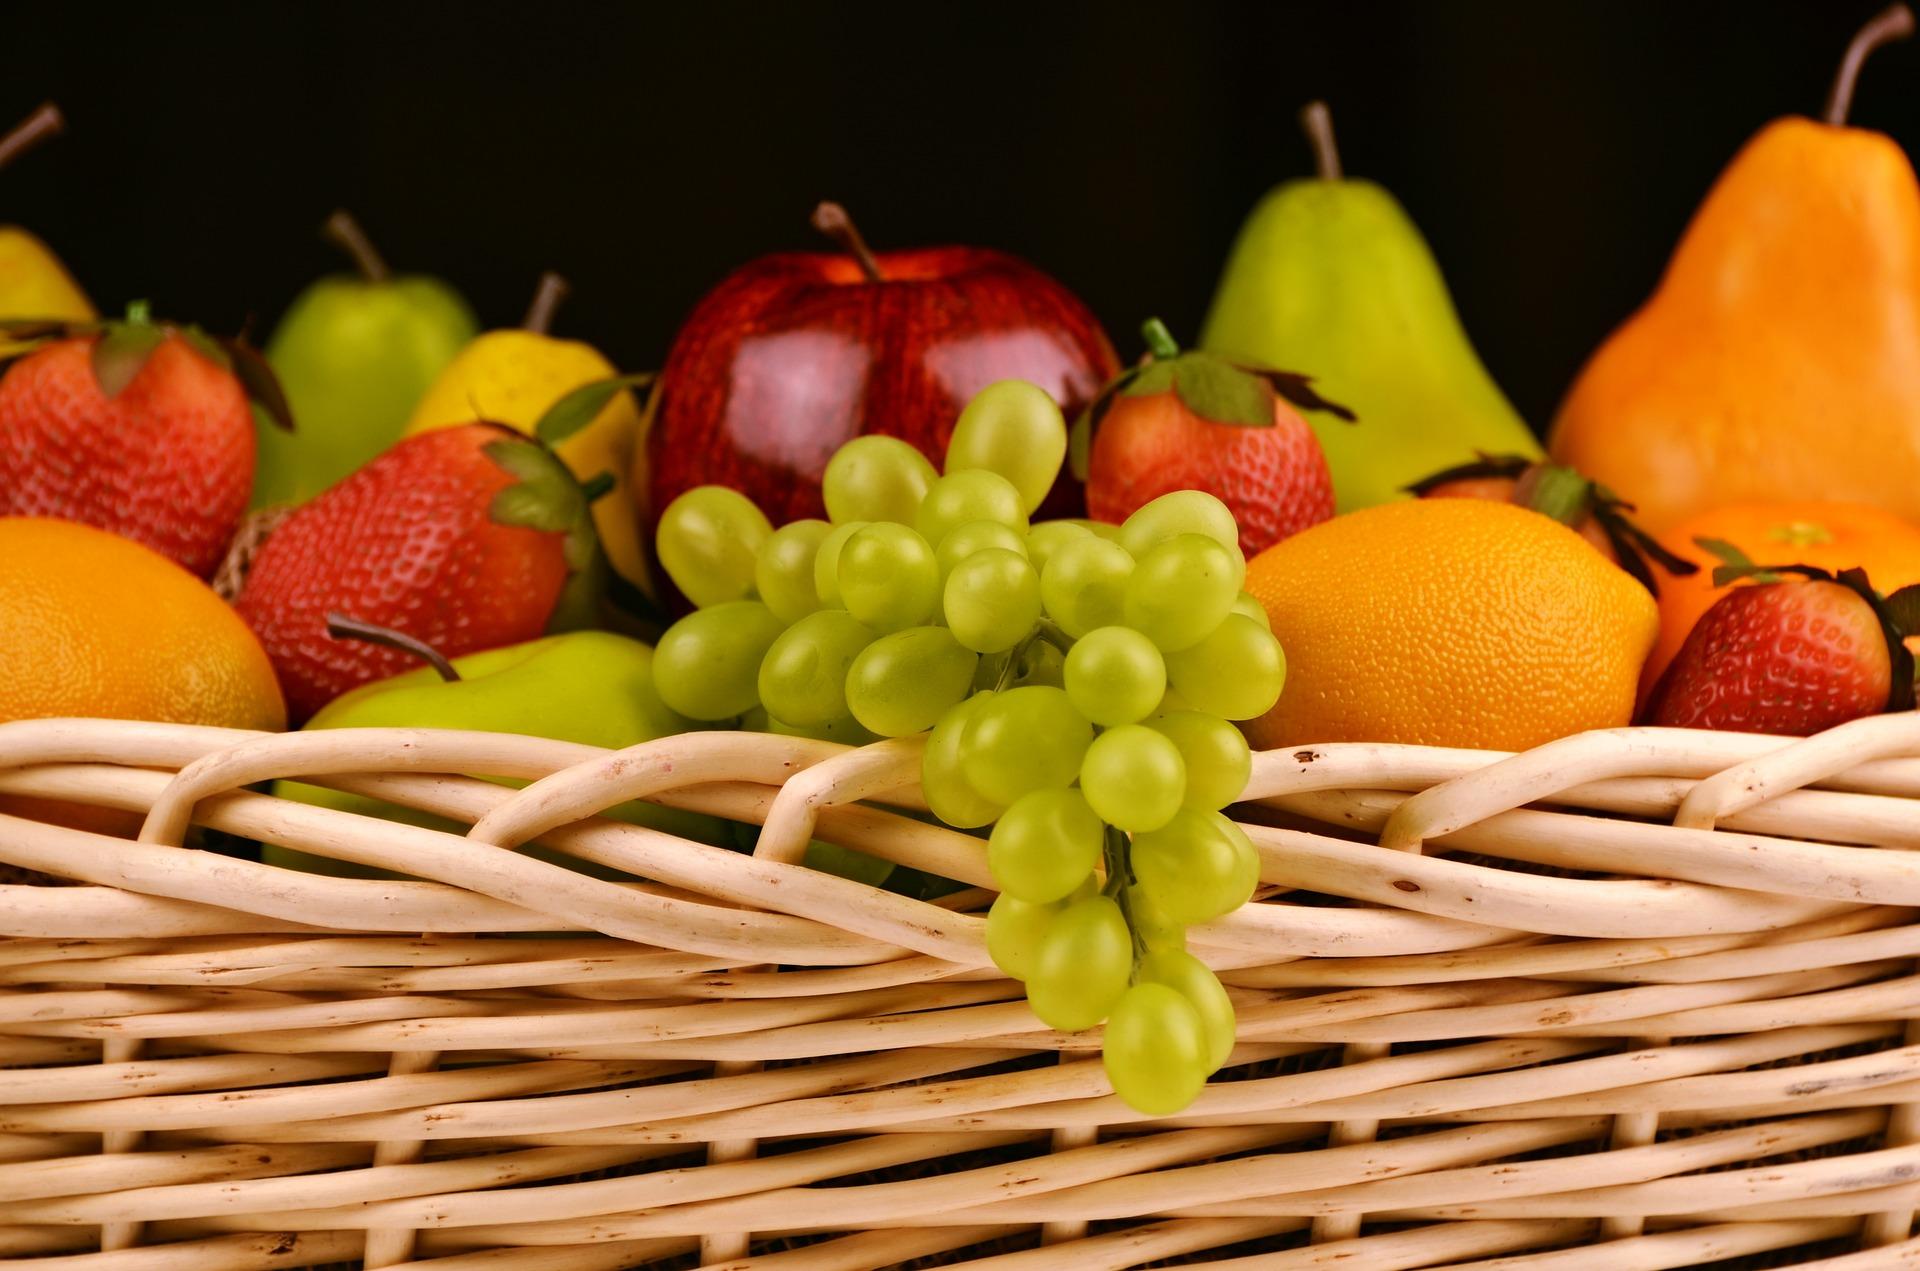 ما هي الفواكه المسموحة في الكيتو؟